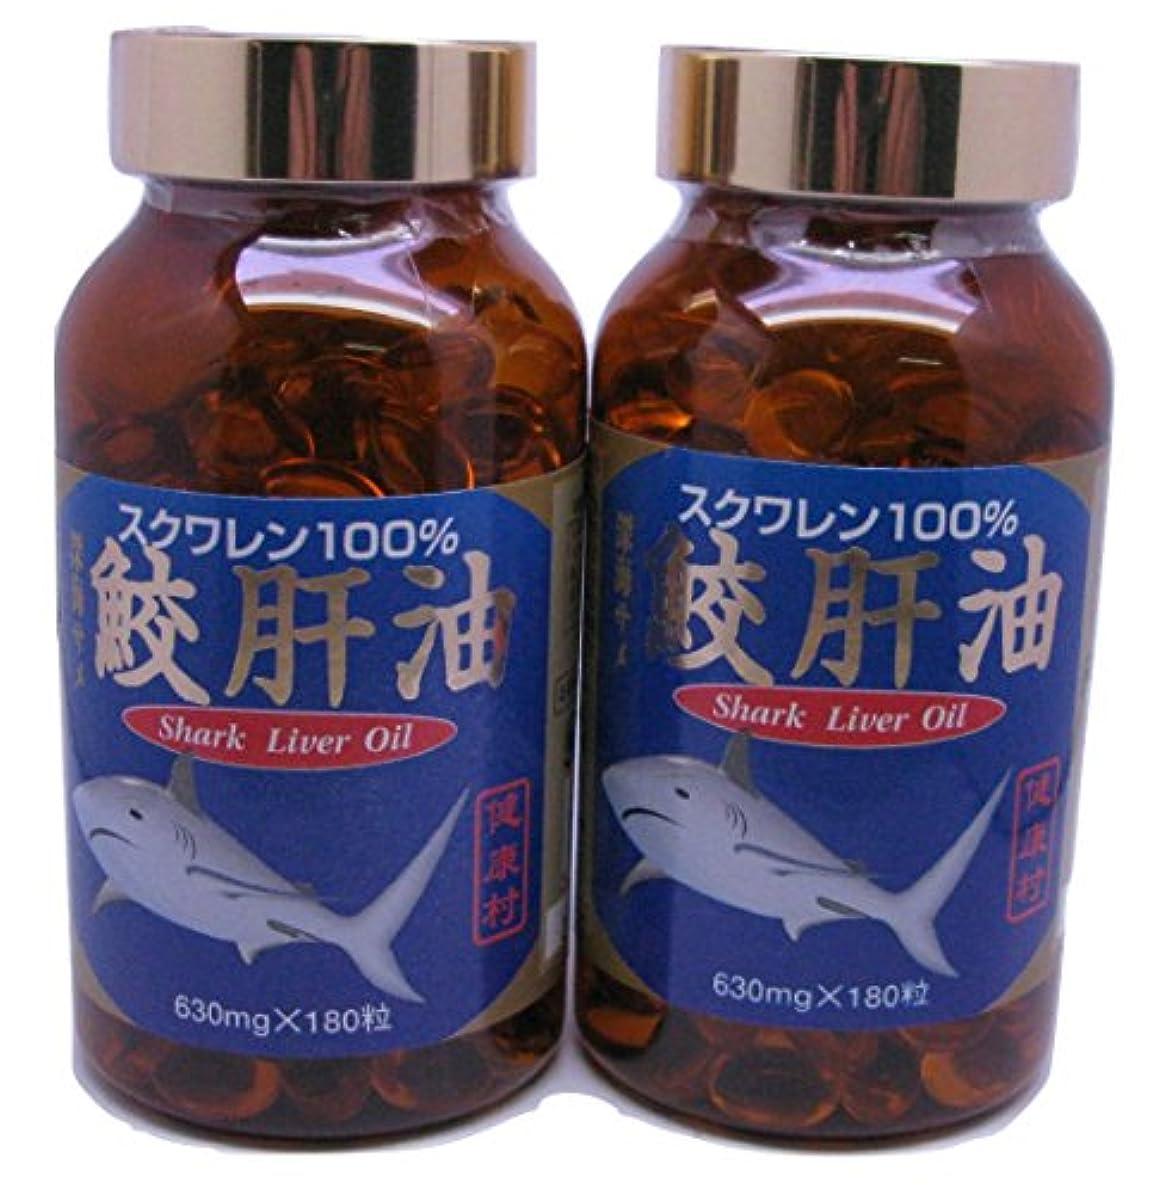 想像力豊かなハンドブック地味な健康村 鮫肝油【180粒】(2本セット)